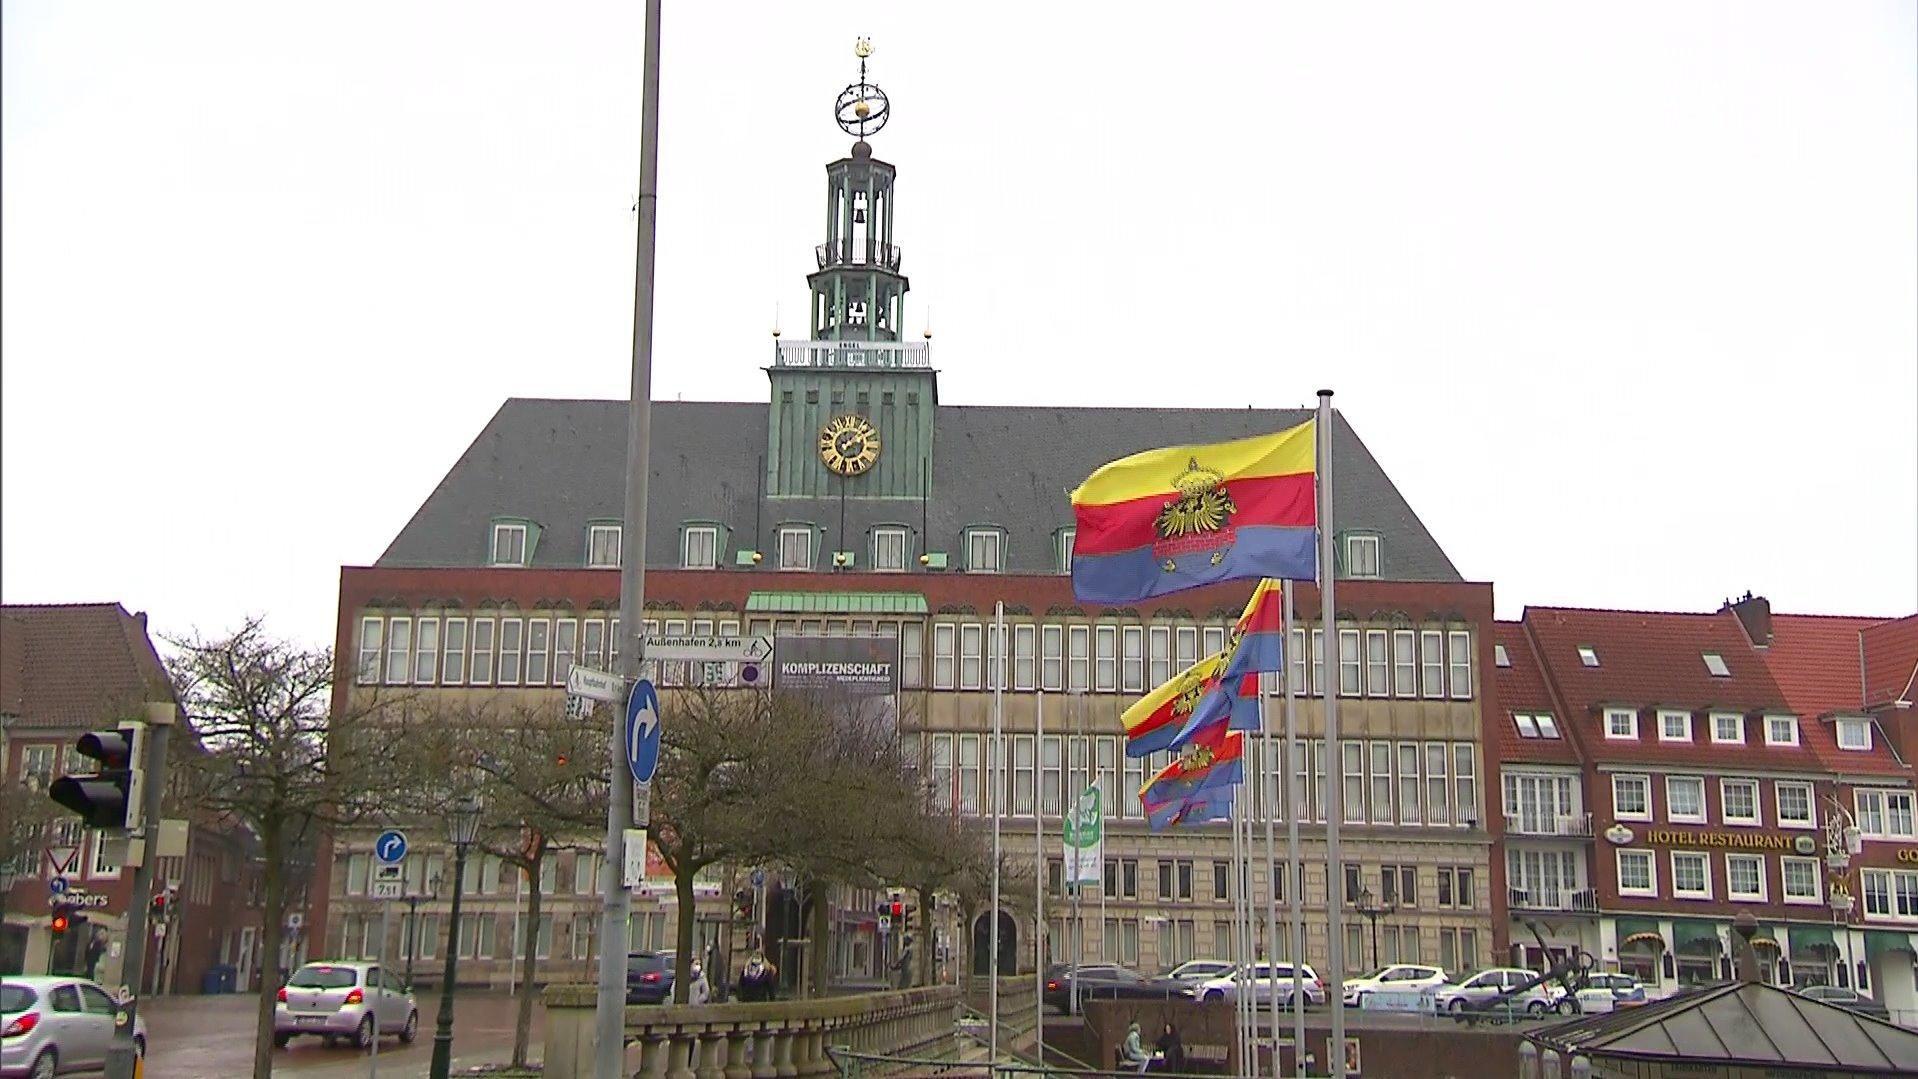 Partnersuche in Emden - Kontaktanzeigen und Singles ab 50